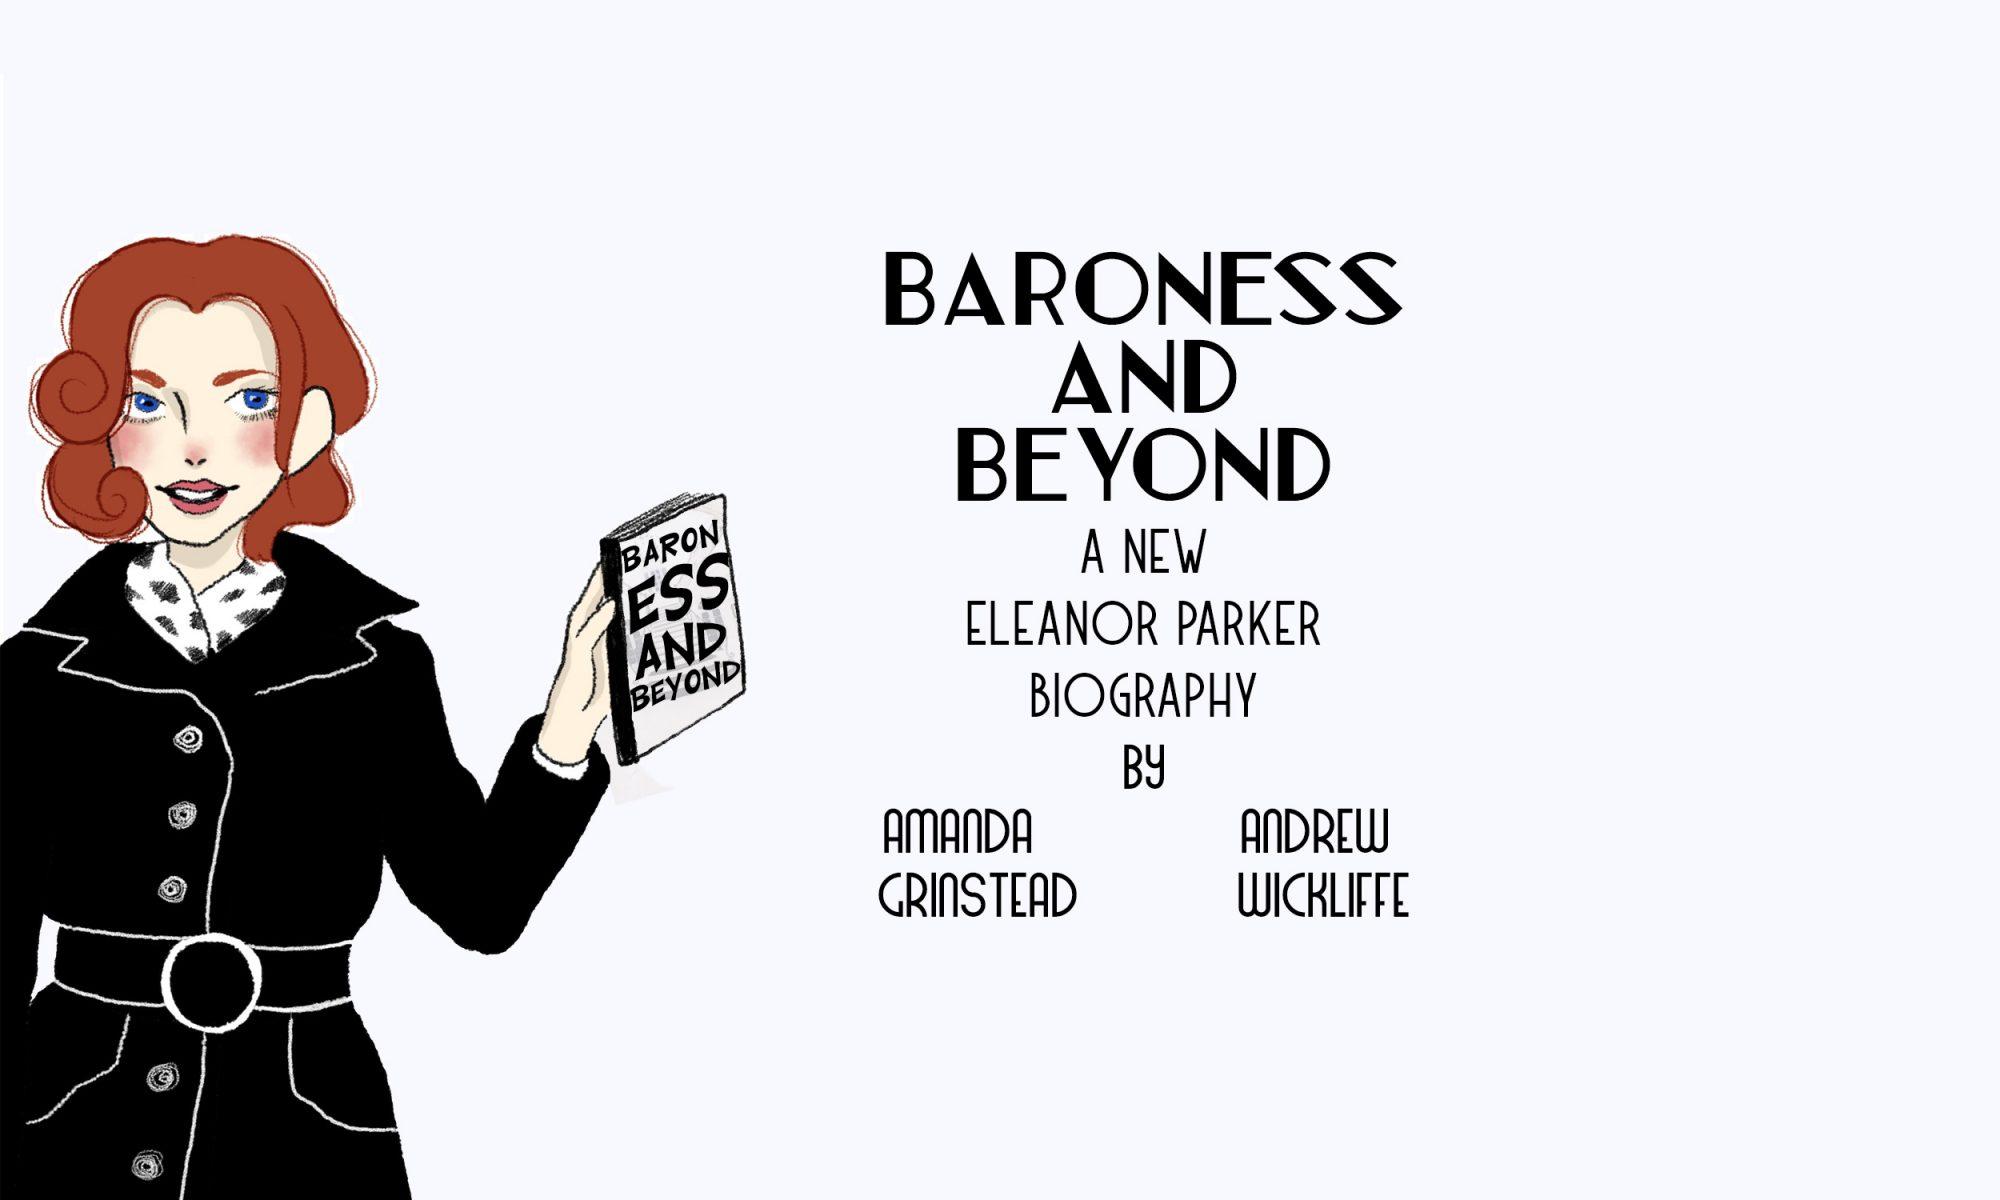 Baroness and Beyond